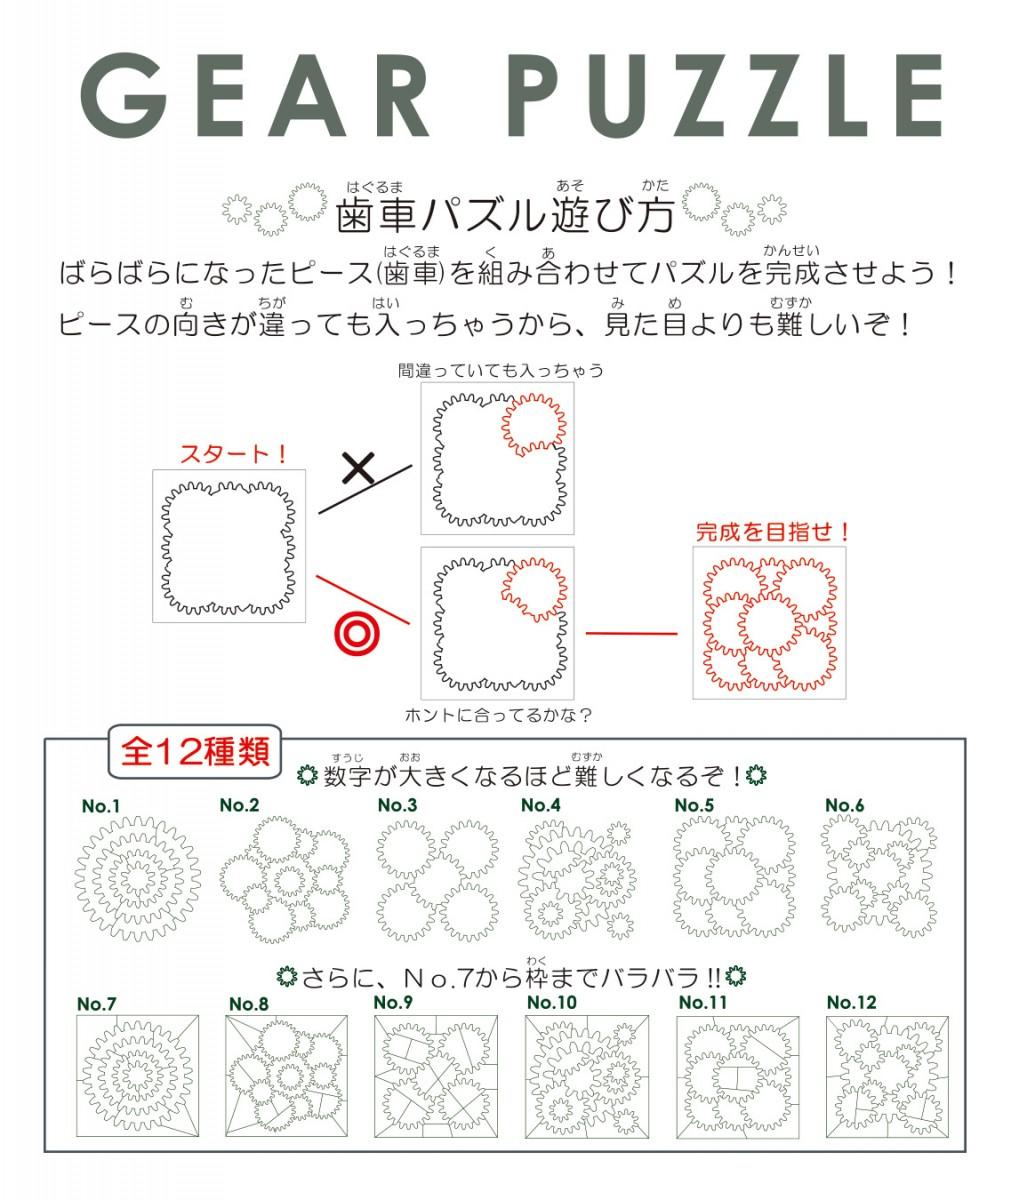 item_giapuzzle